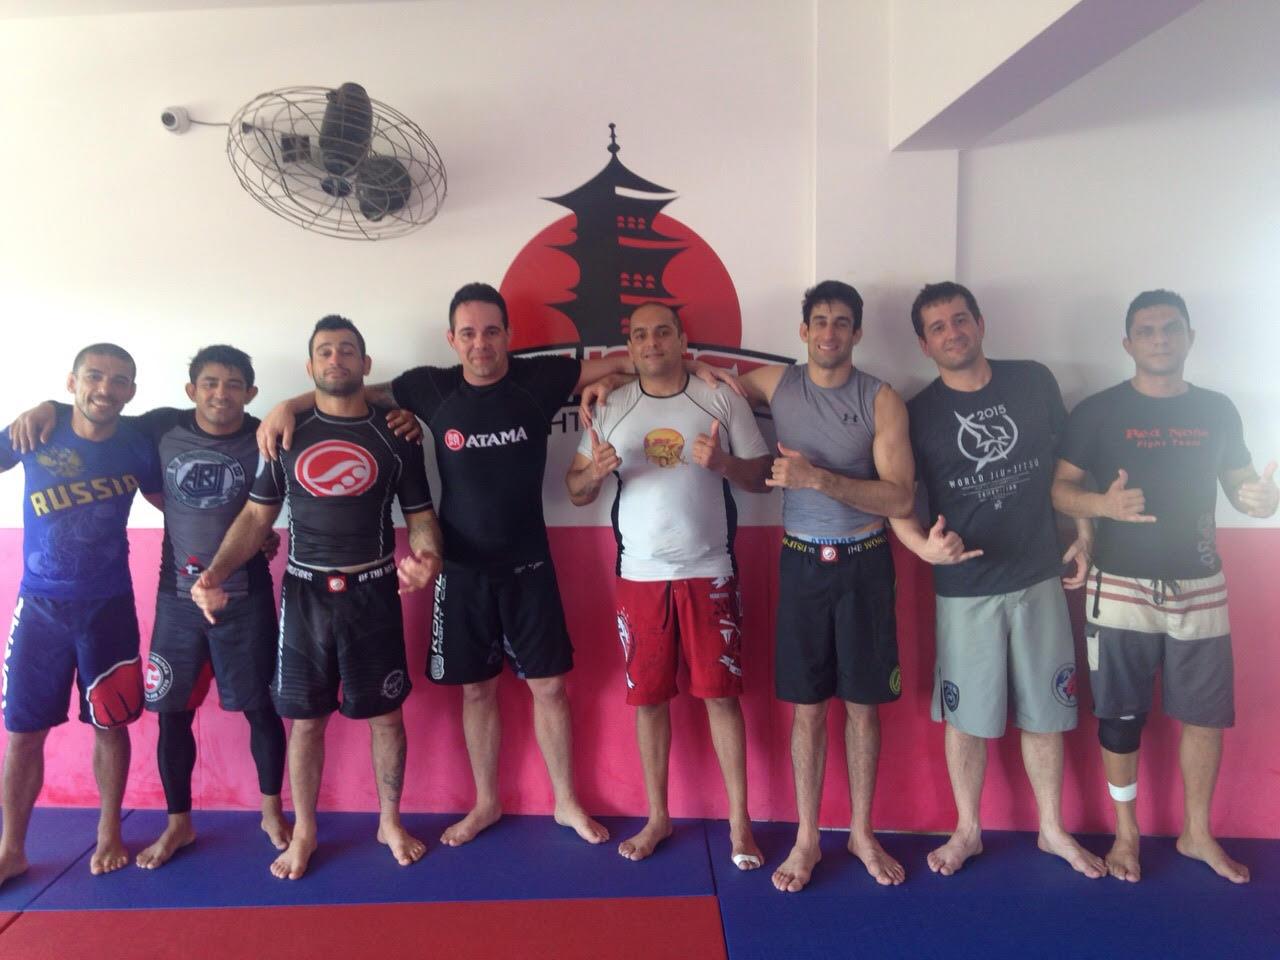 Raul Faconti e colegas de treino, numa sessão de Jiu-Jitsu sem kimono. Foto: Divulgacao